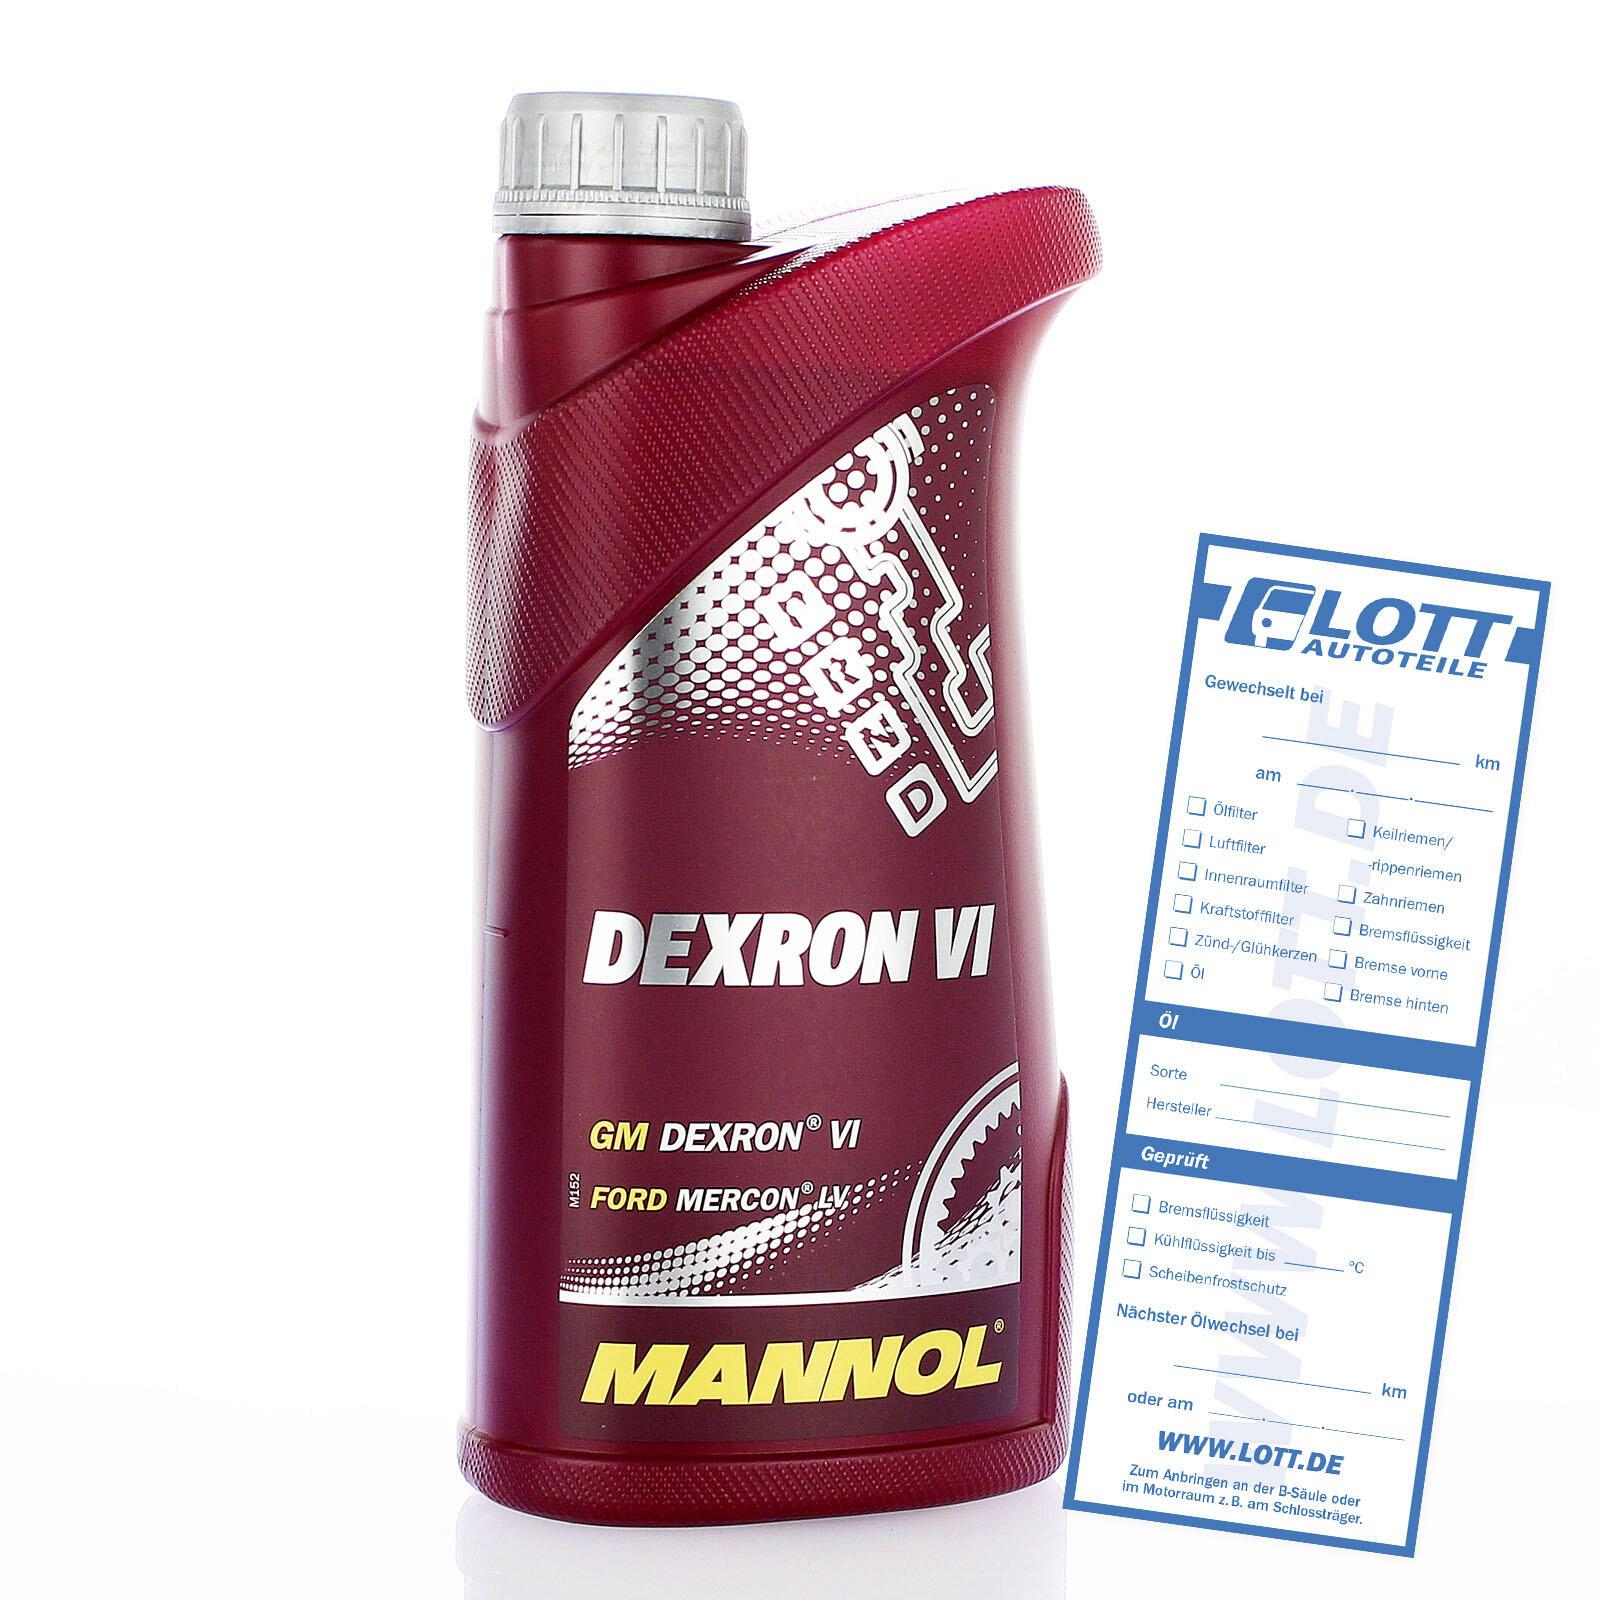 MANNOL Dexron VI Automatik Getriebeöl 1 Liter